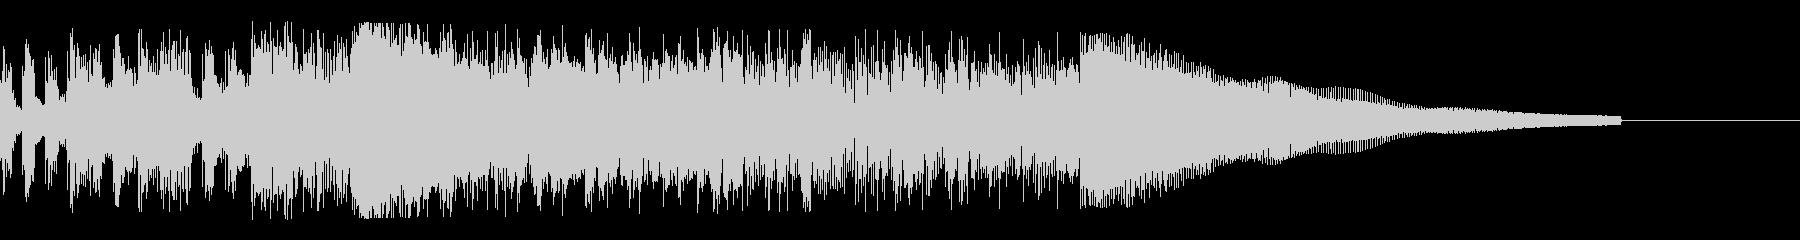 カントリー風ギターイントロ−04の未再生の波形